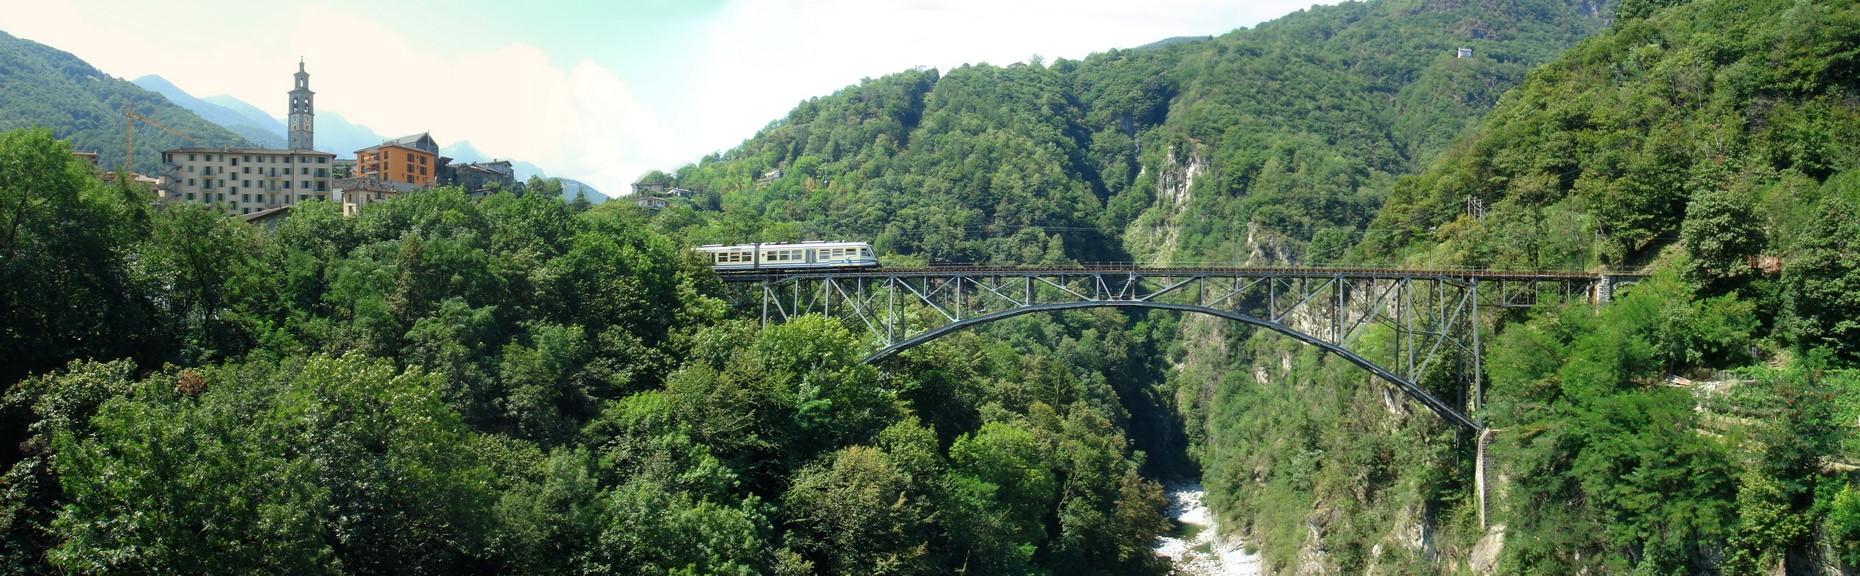 Maggiore (centovalli railway)